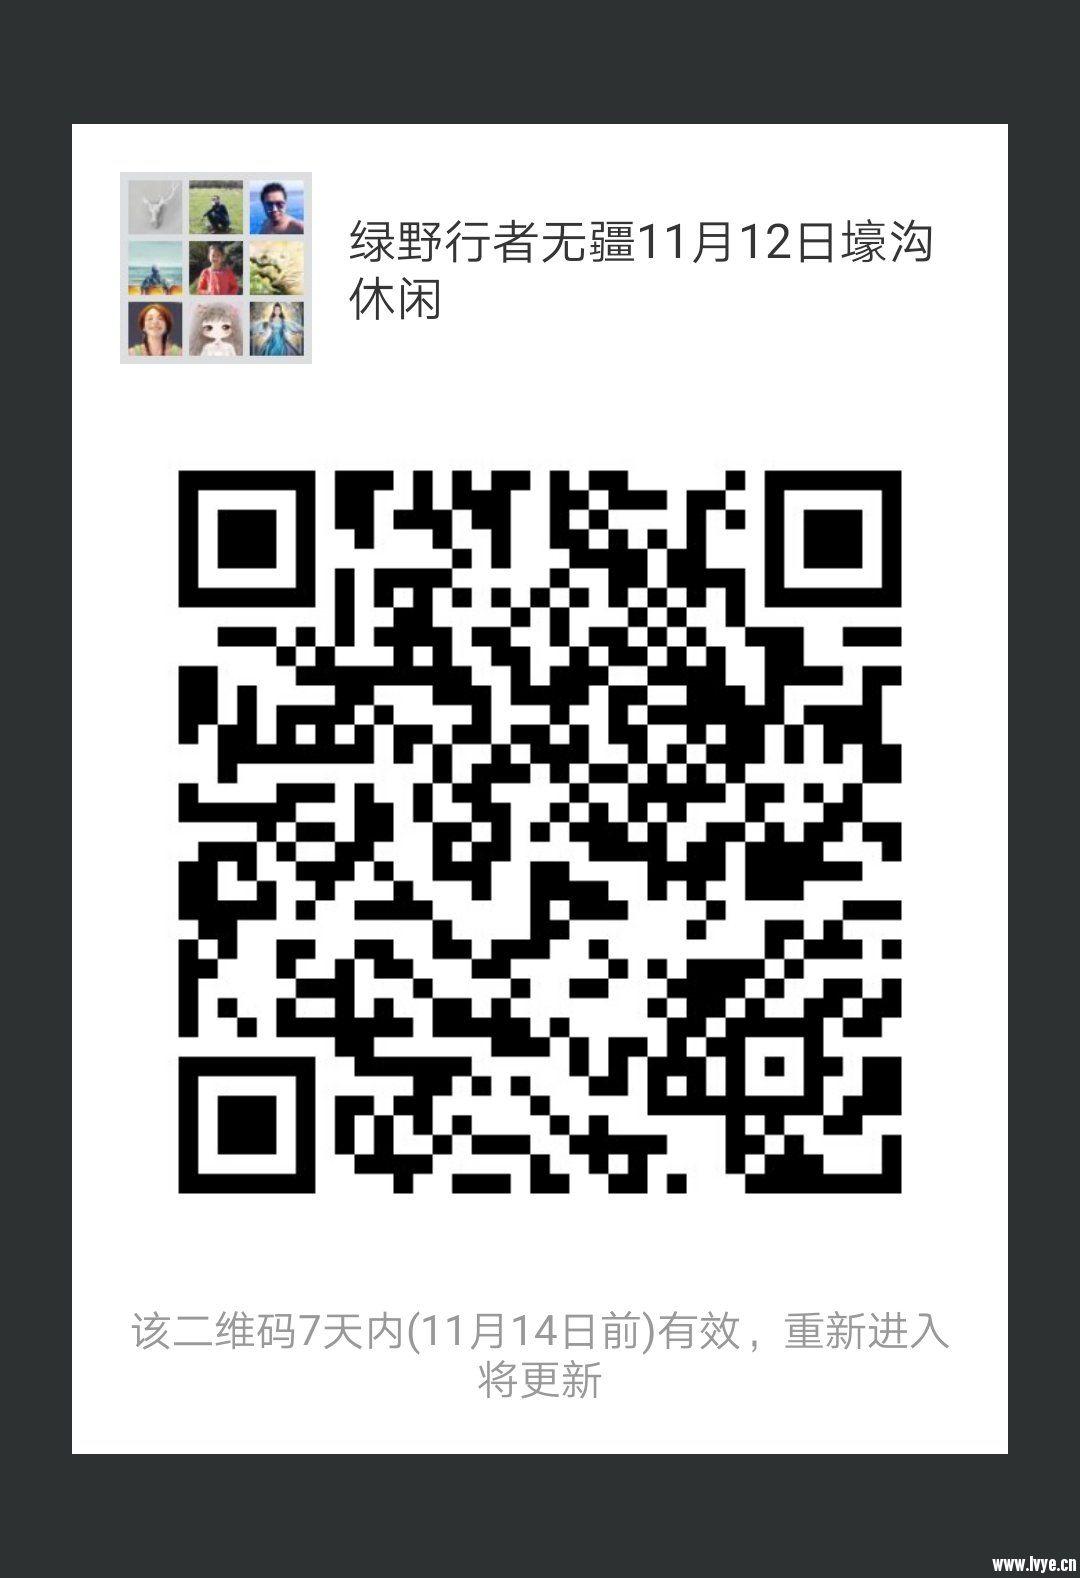 微信图片_20171107143231.jpg